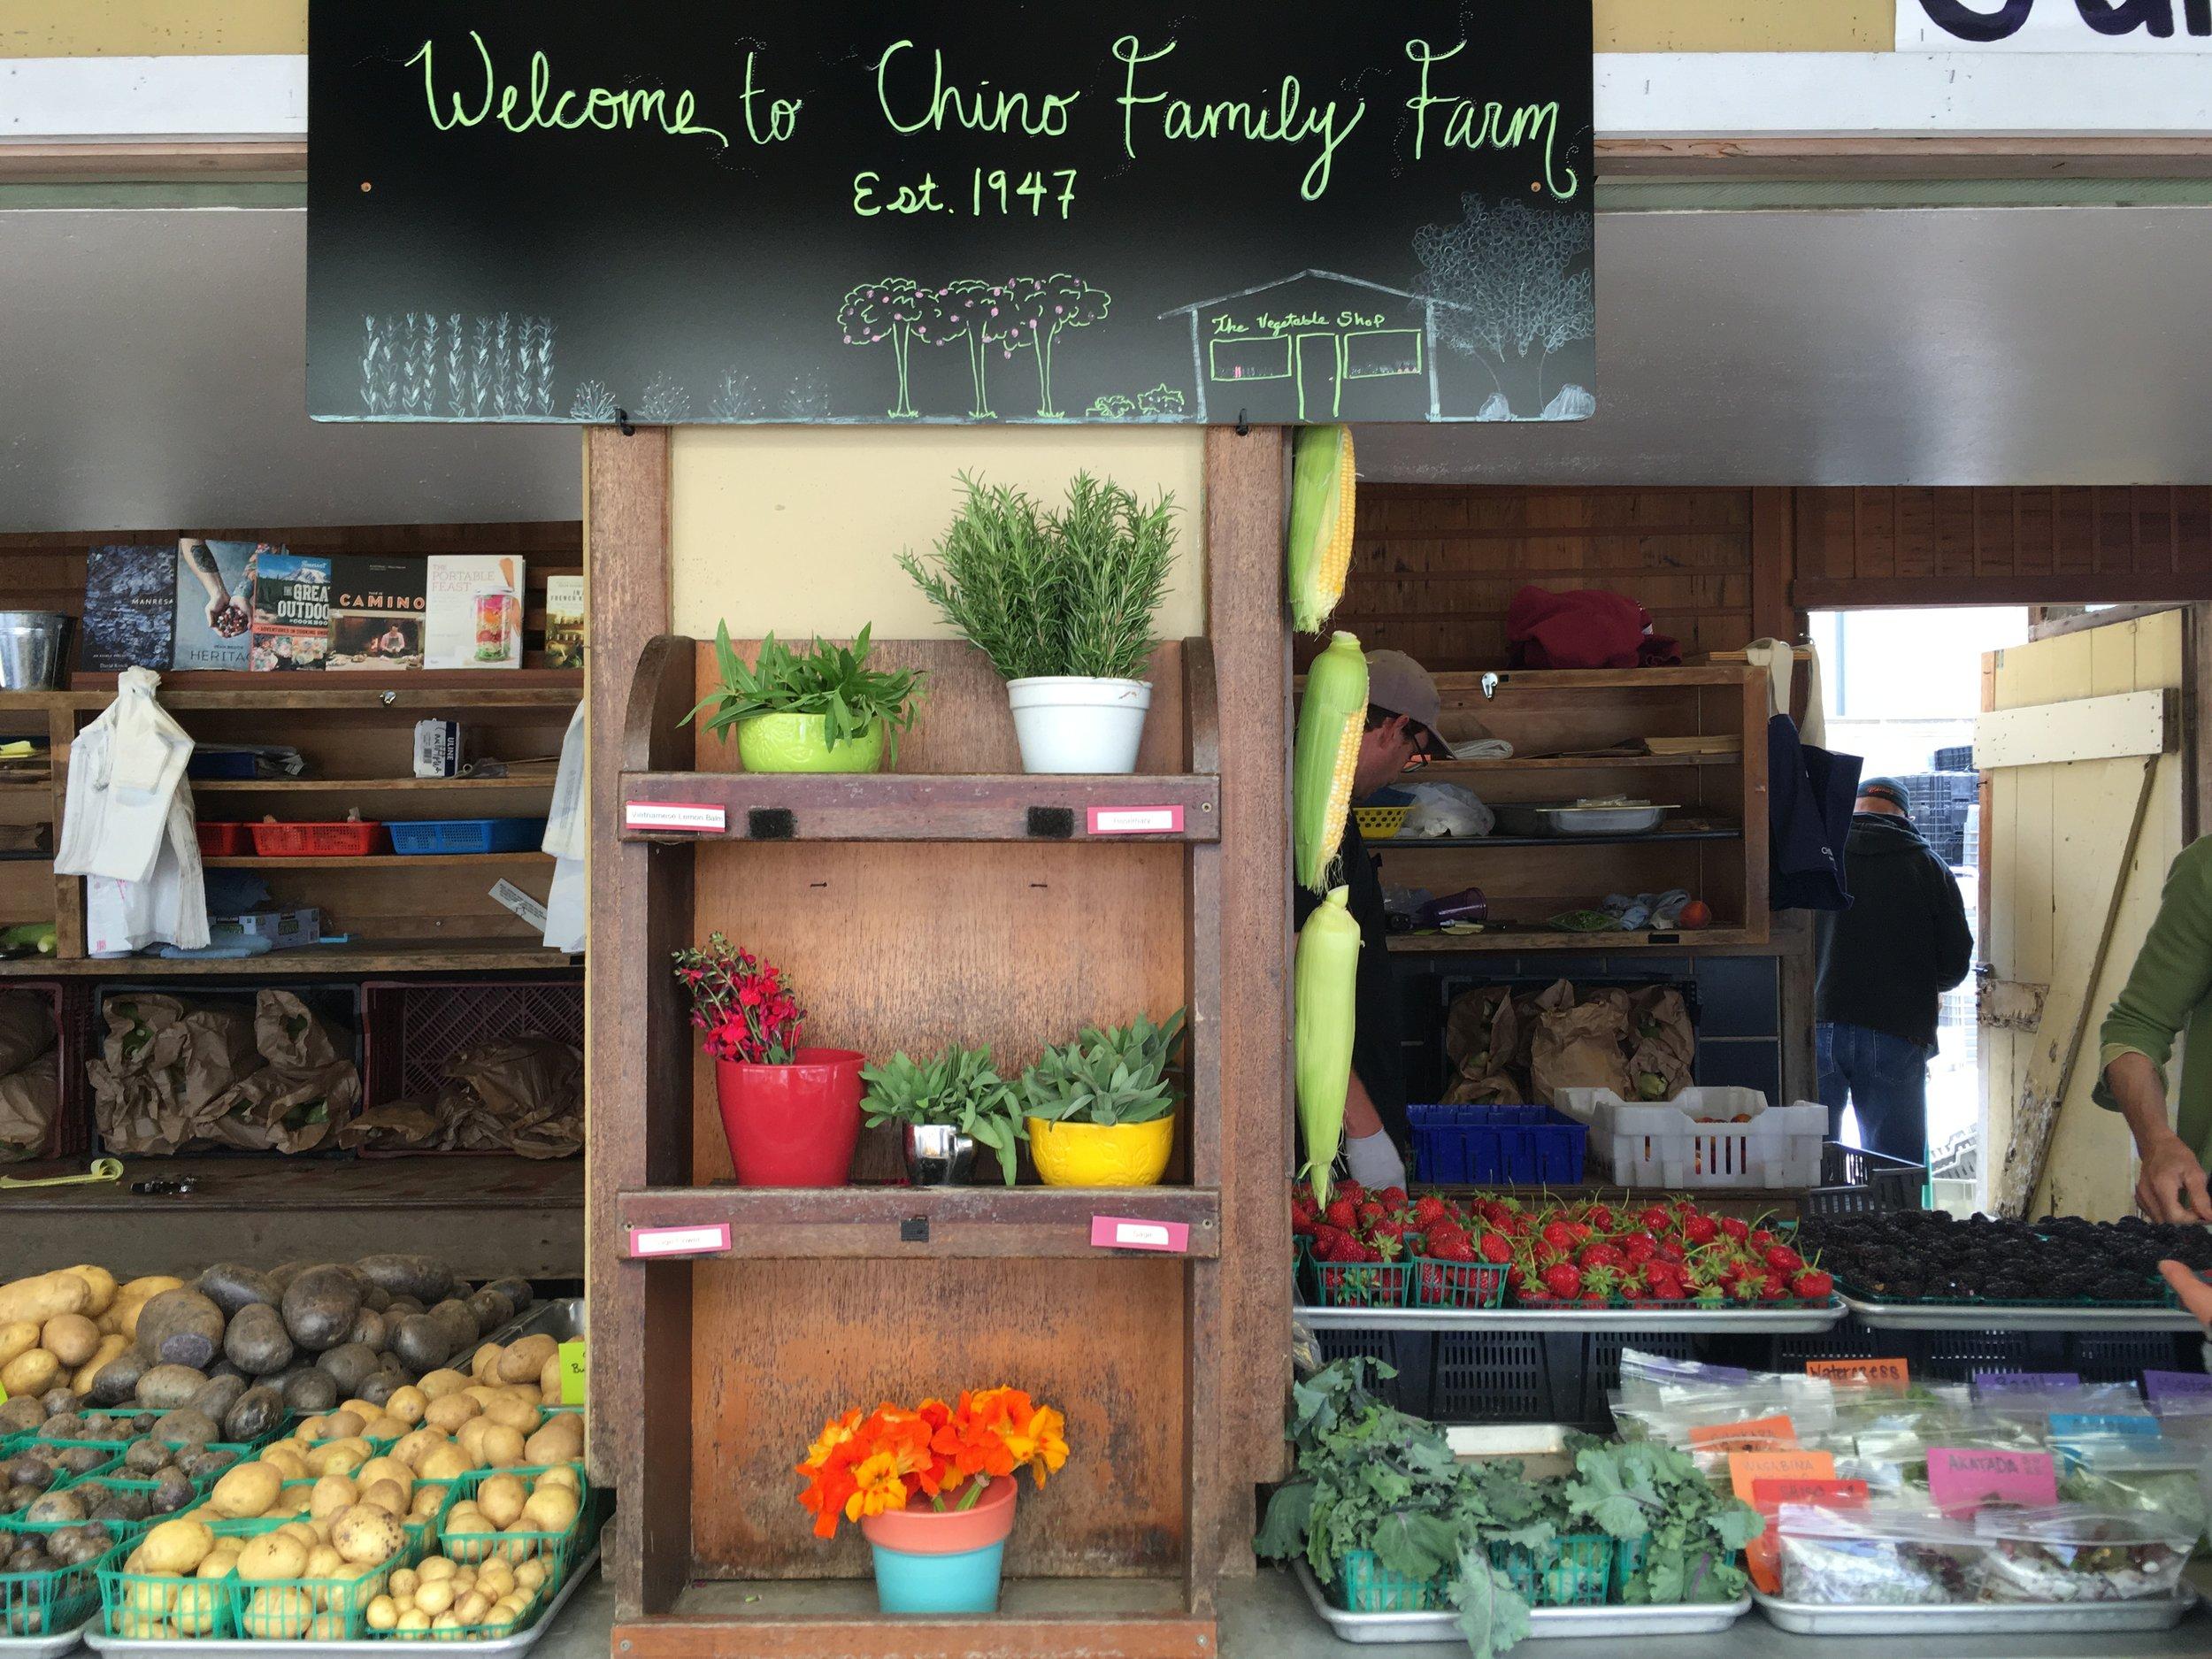 CHINO FAMILY FARM   WORLD-RENOWNED CHINO FAMILY FARM LOCATED IN RANCHO SANTA FE, CA.